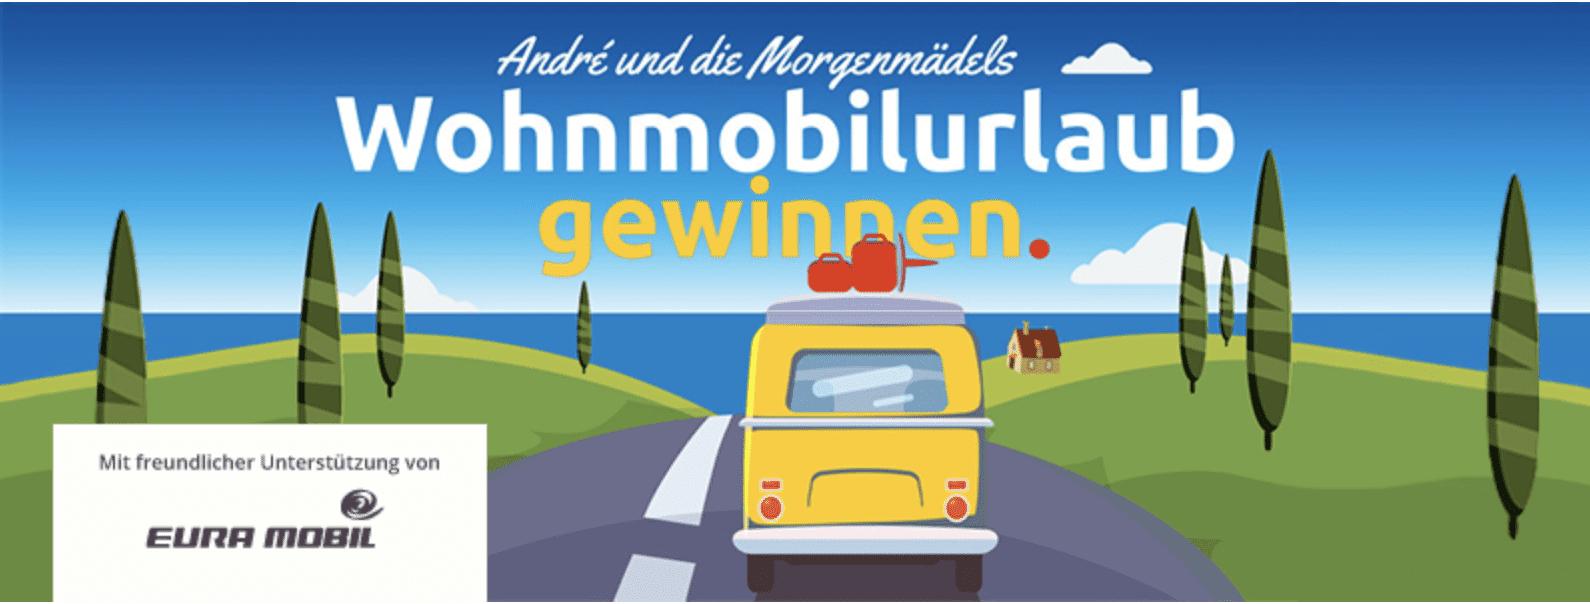 Gewinnspielcases Automotive Schneider Gruppe